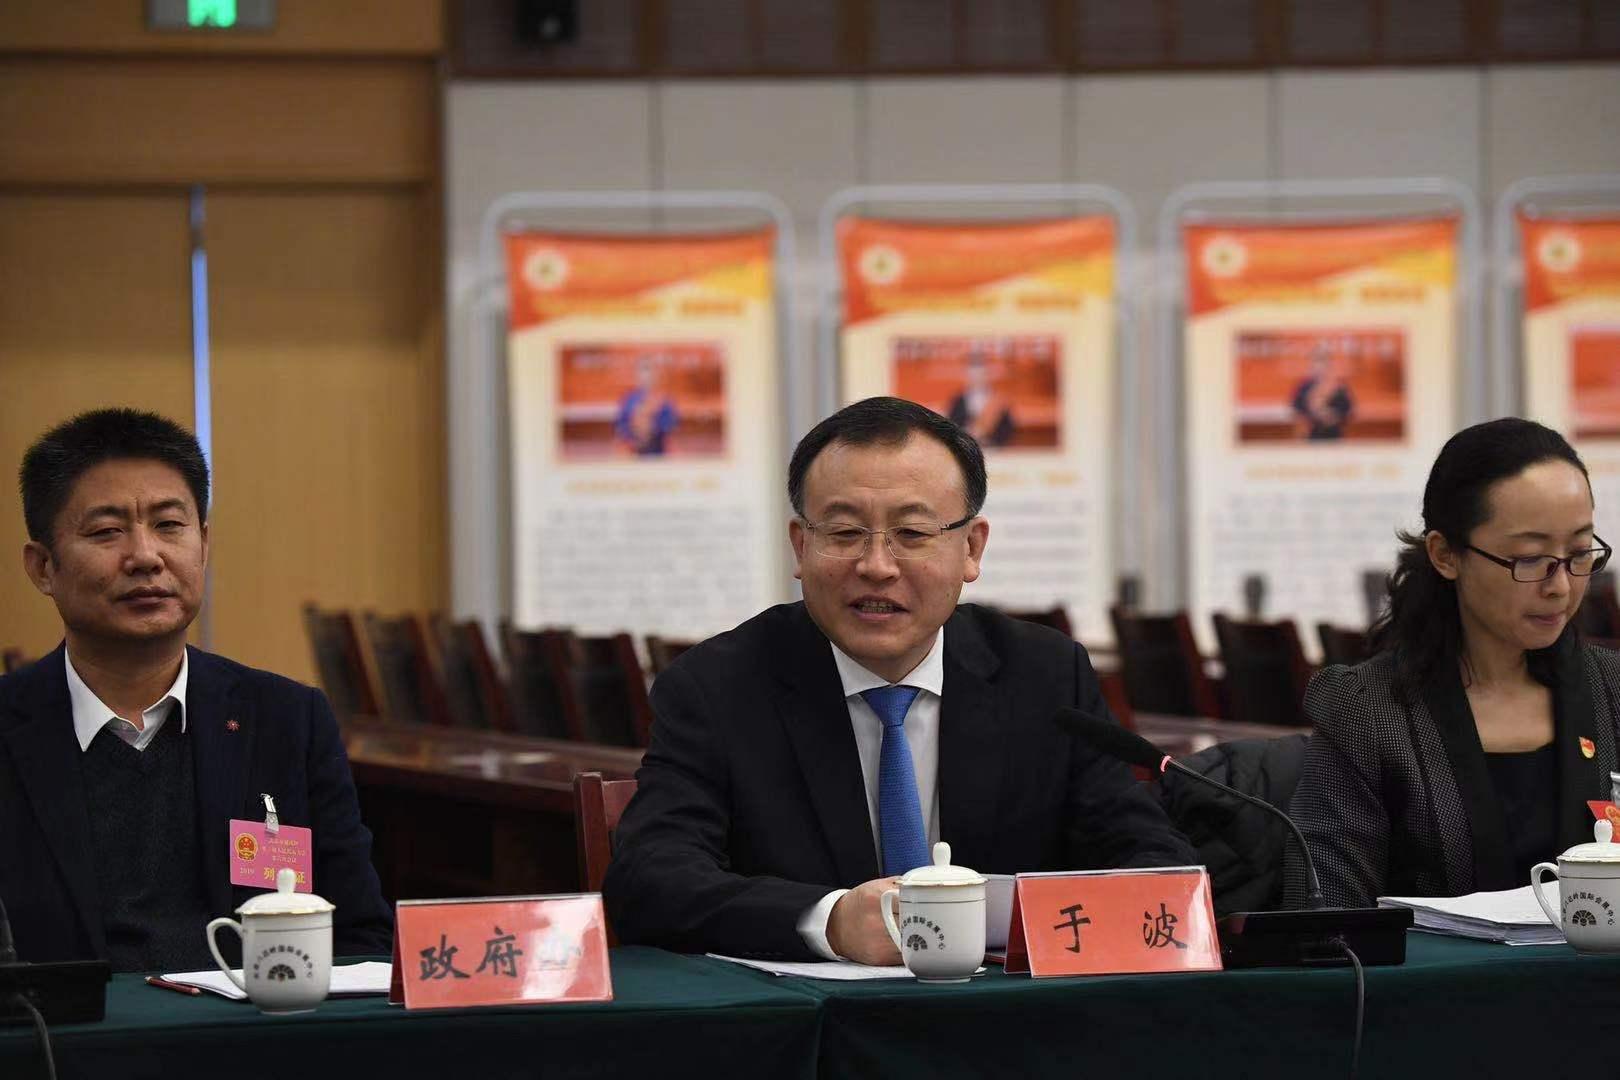 http://www.byrental.cn/fangchan/178895.html